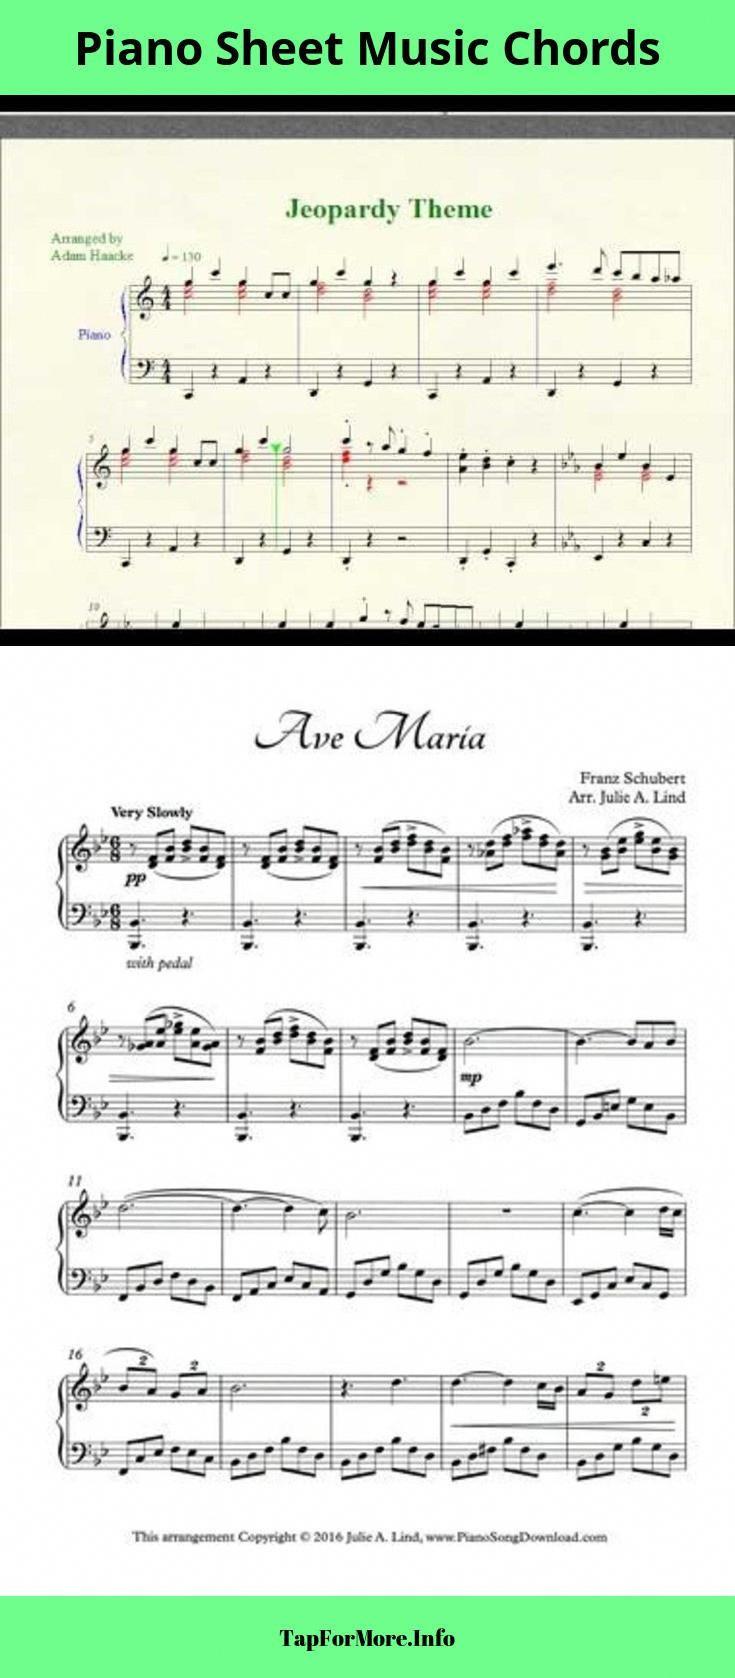 How To Read Piano Sheet Music Music Chords Sheet Music Piano